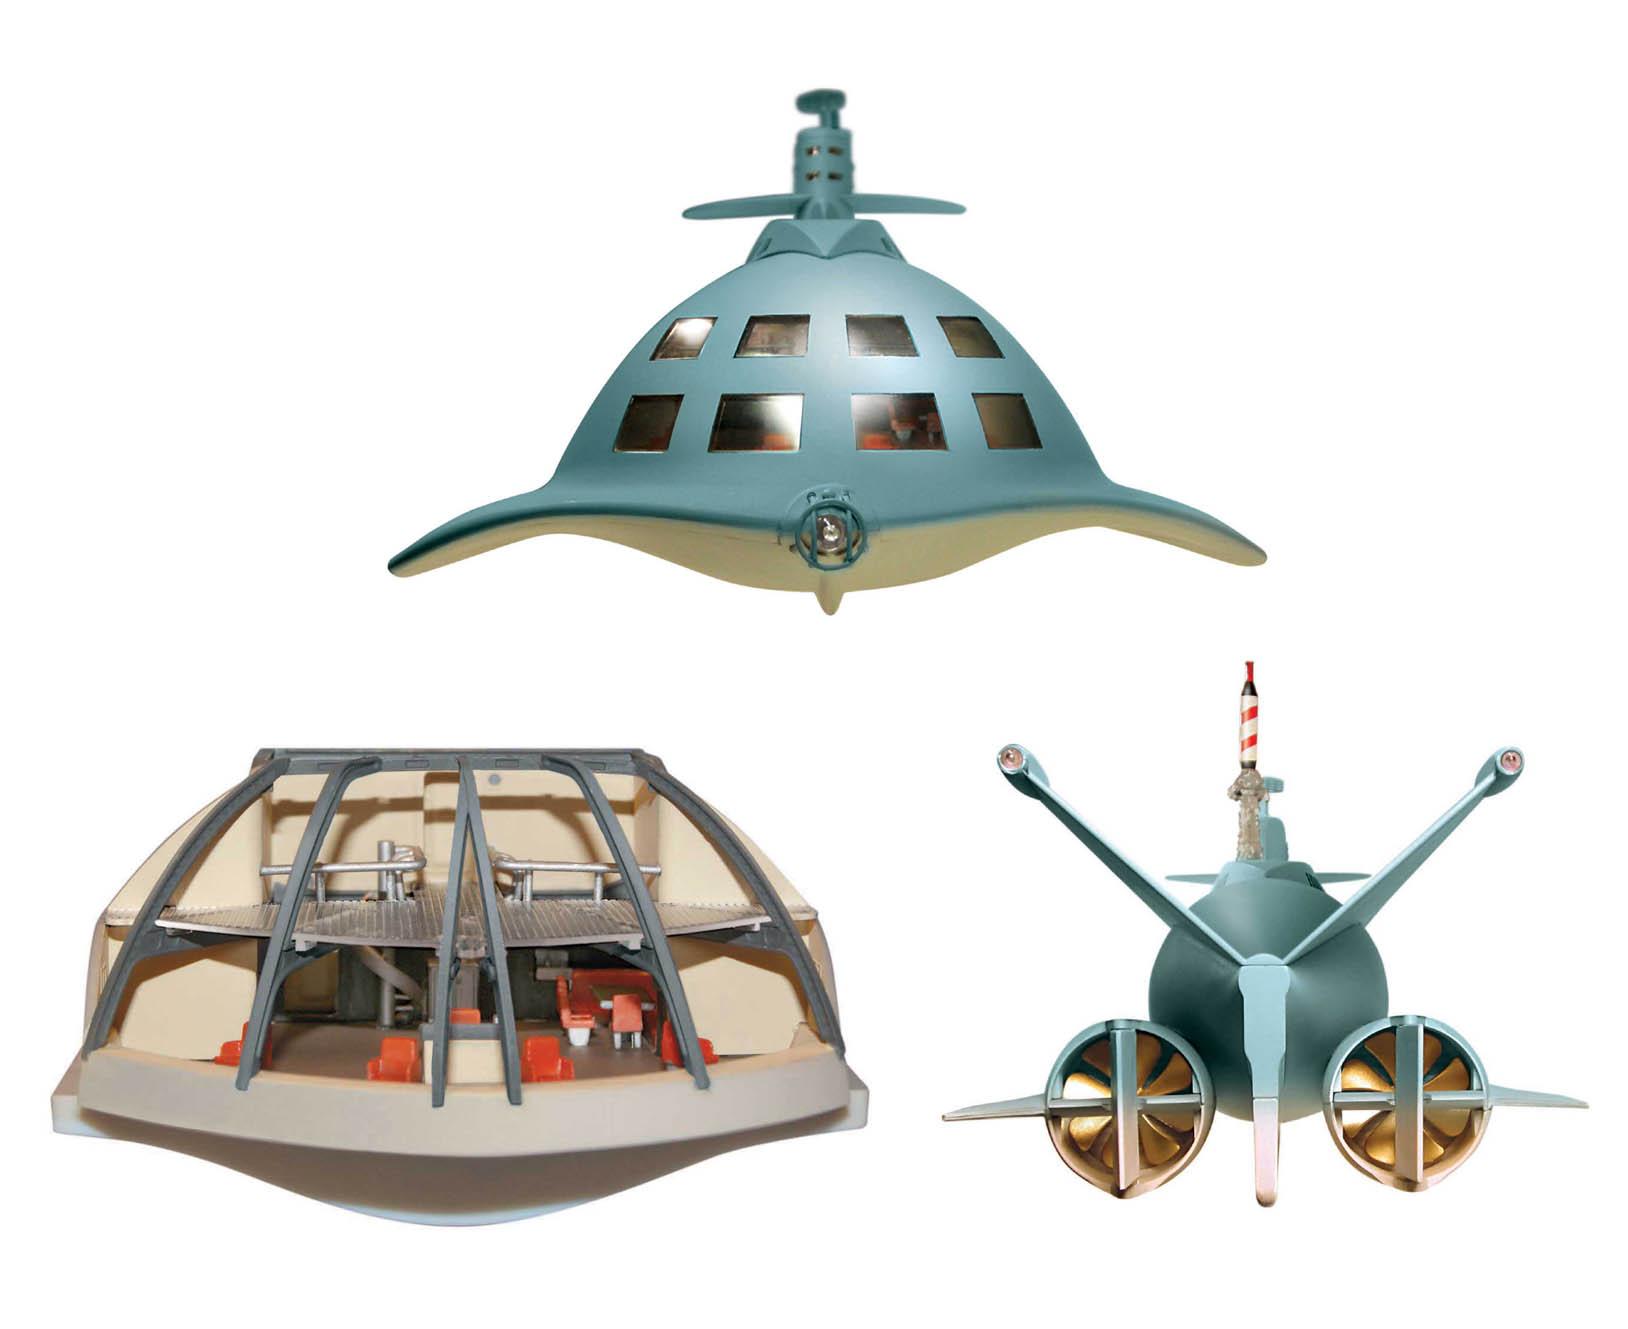 メビウスモデル 1/128スケール 映画版 原子力潜水艦シービュー号 組み立て式プラモデル